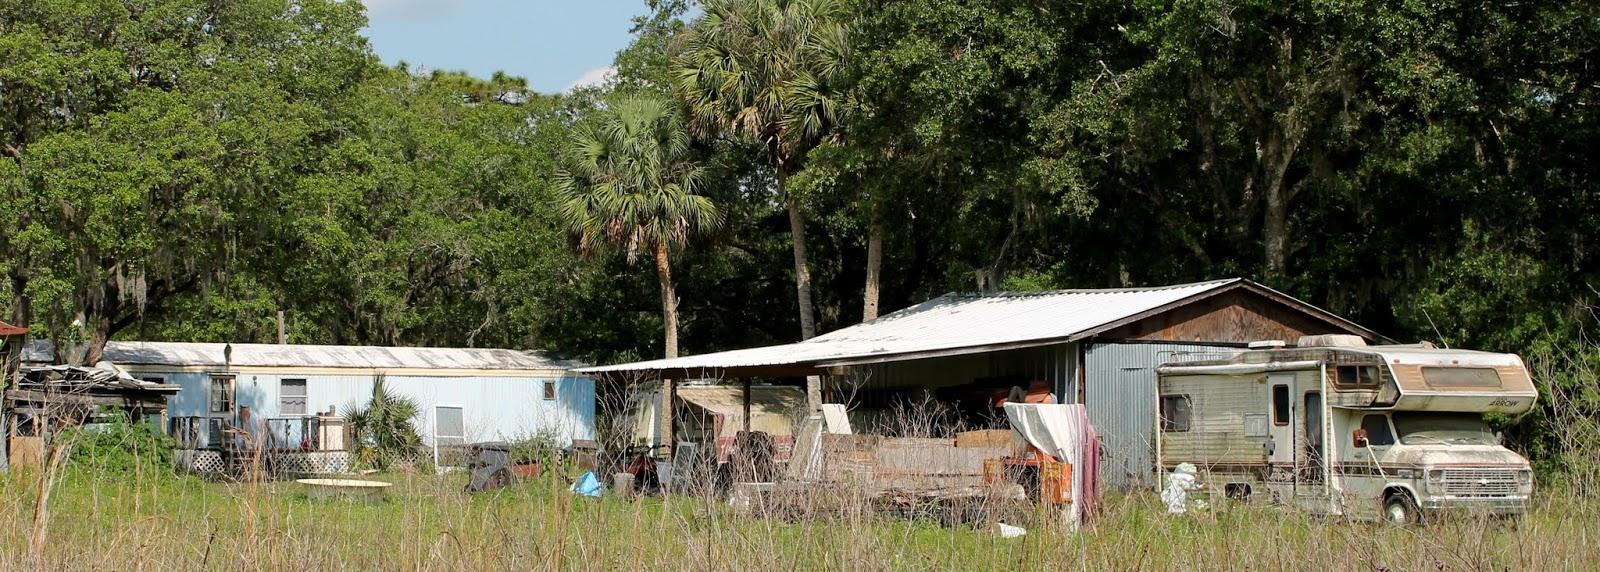 La Florida rural